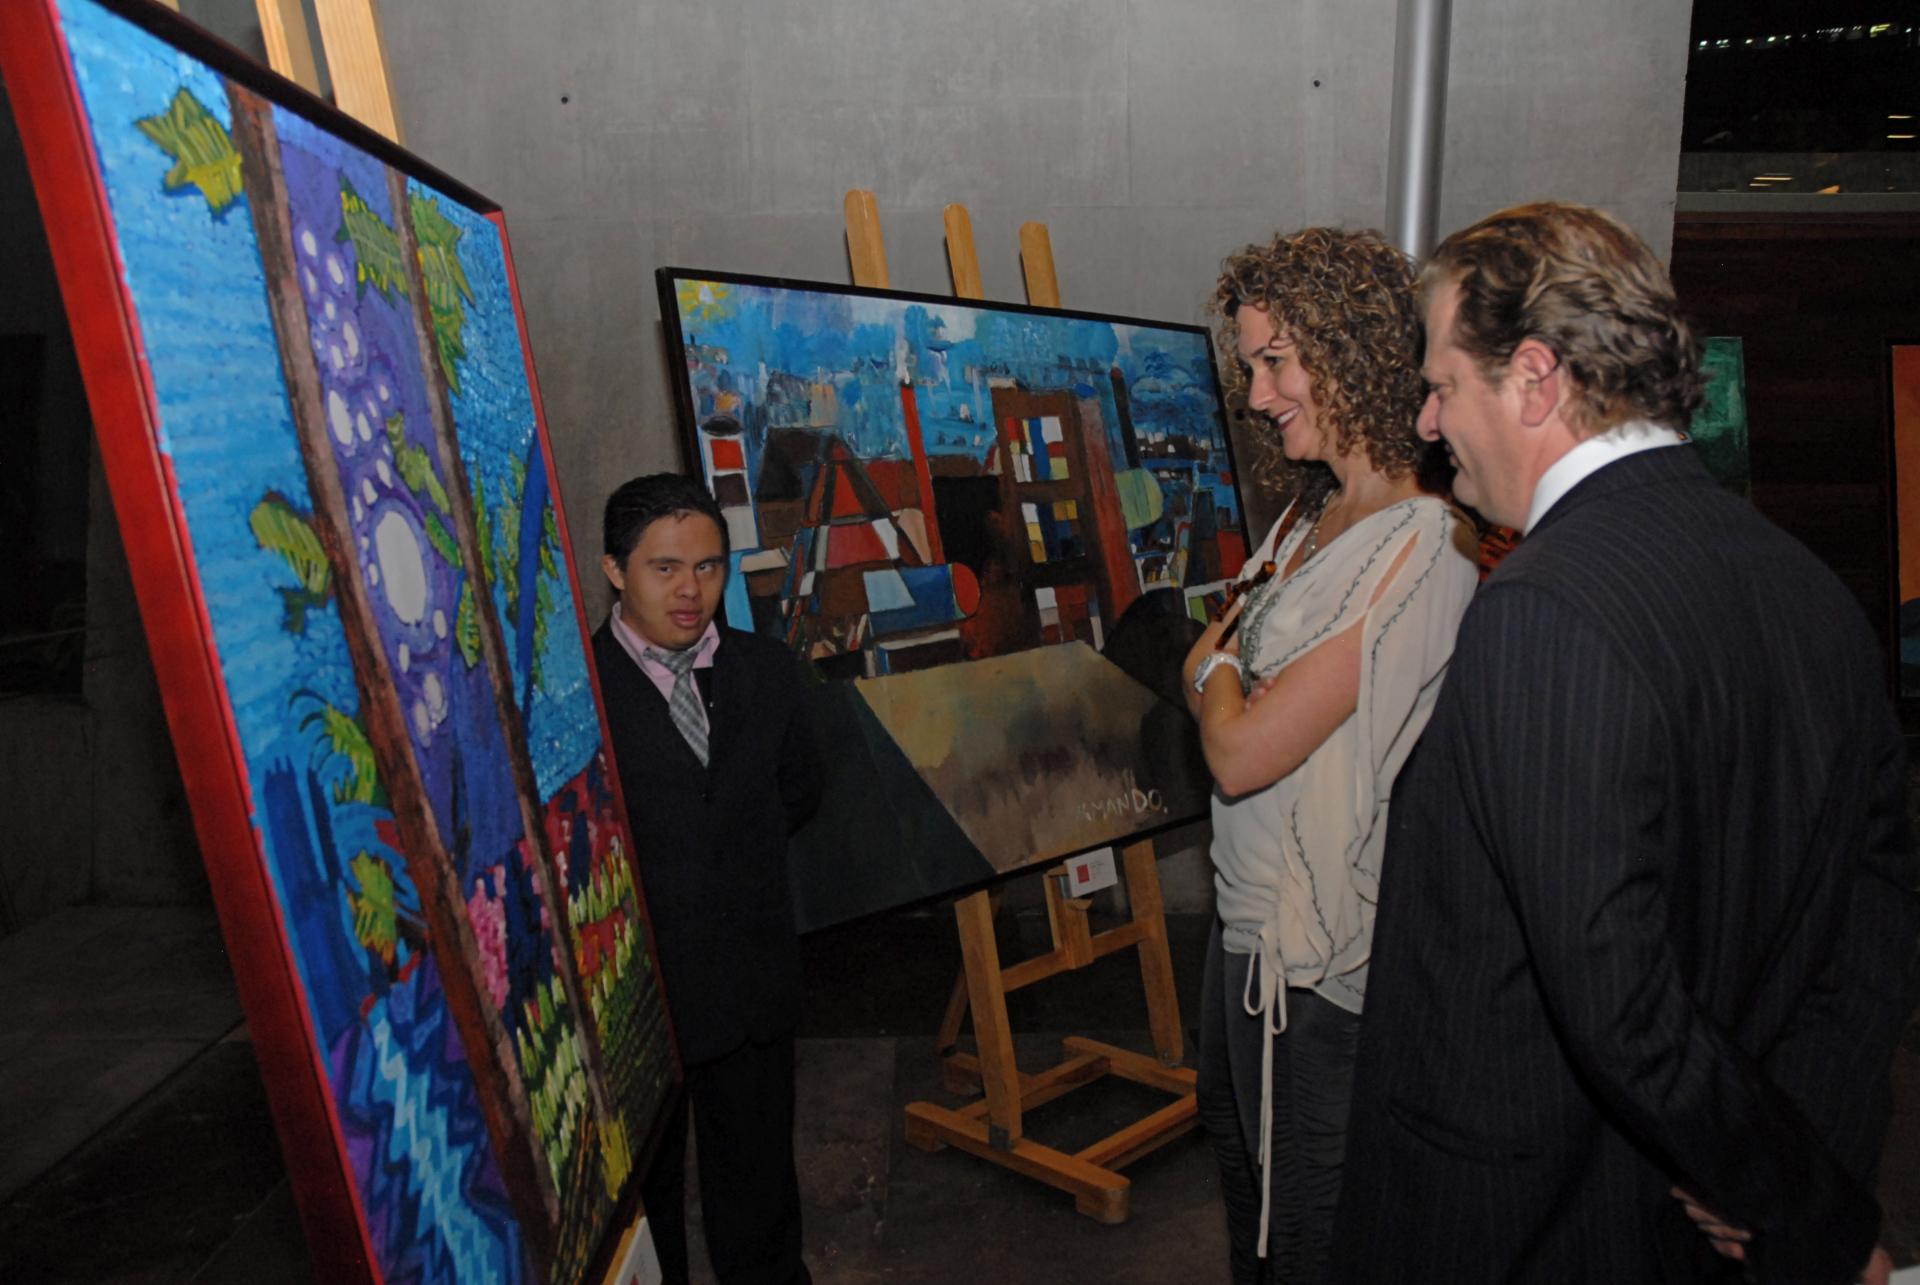 Artista David Chávez e invitados